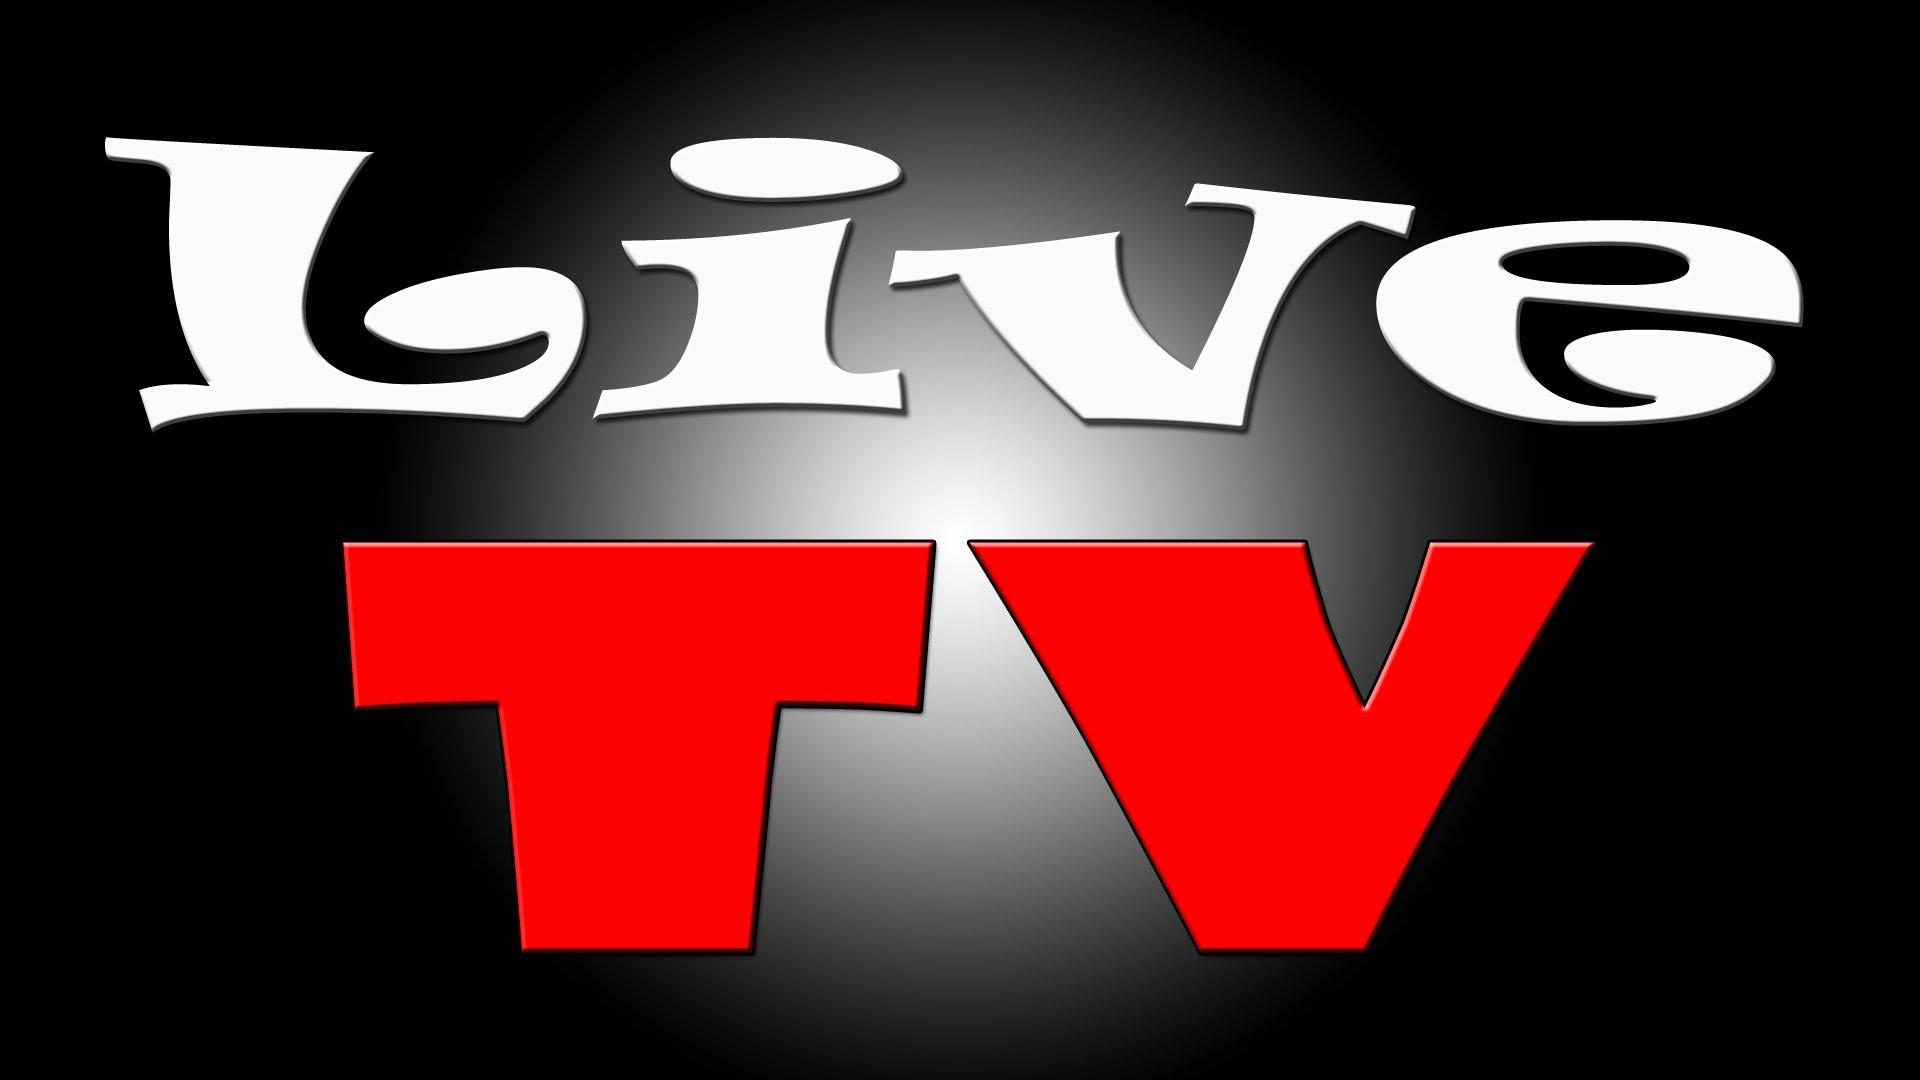 Live Hd Tv